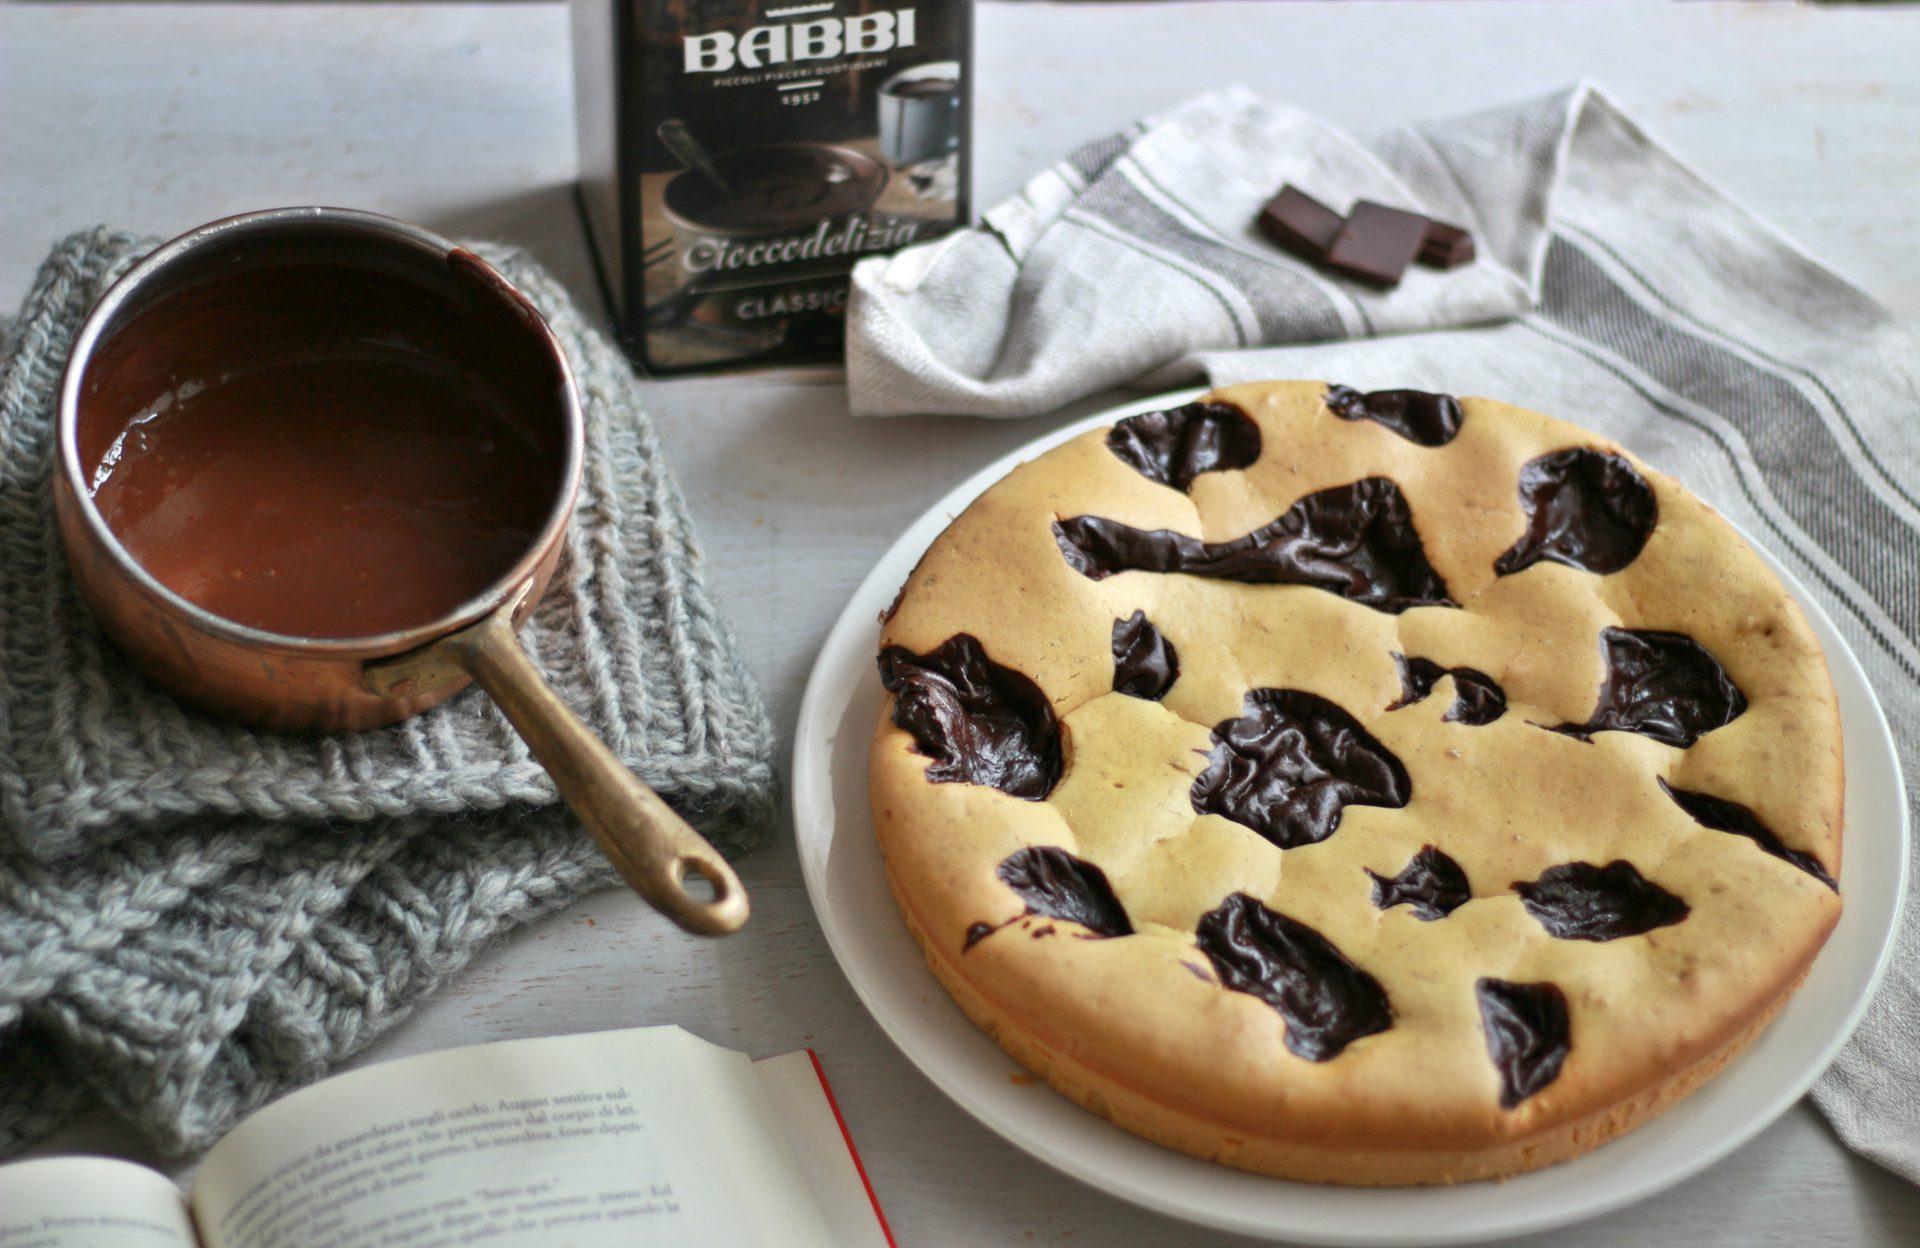 torta nua cannella e cioccodelizia